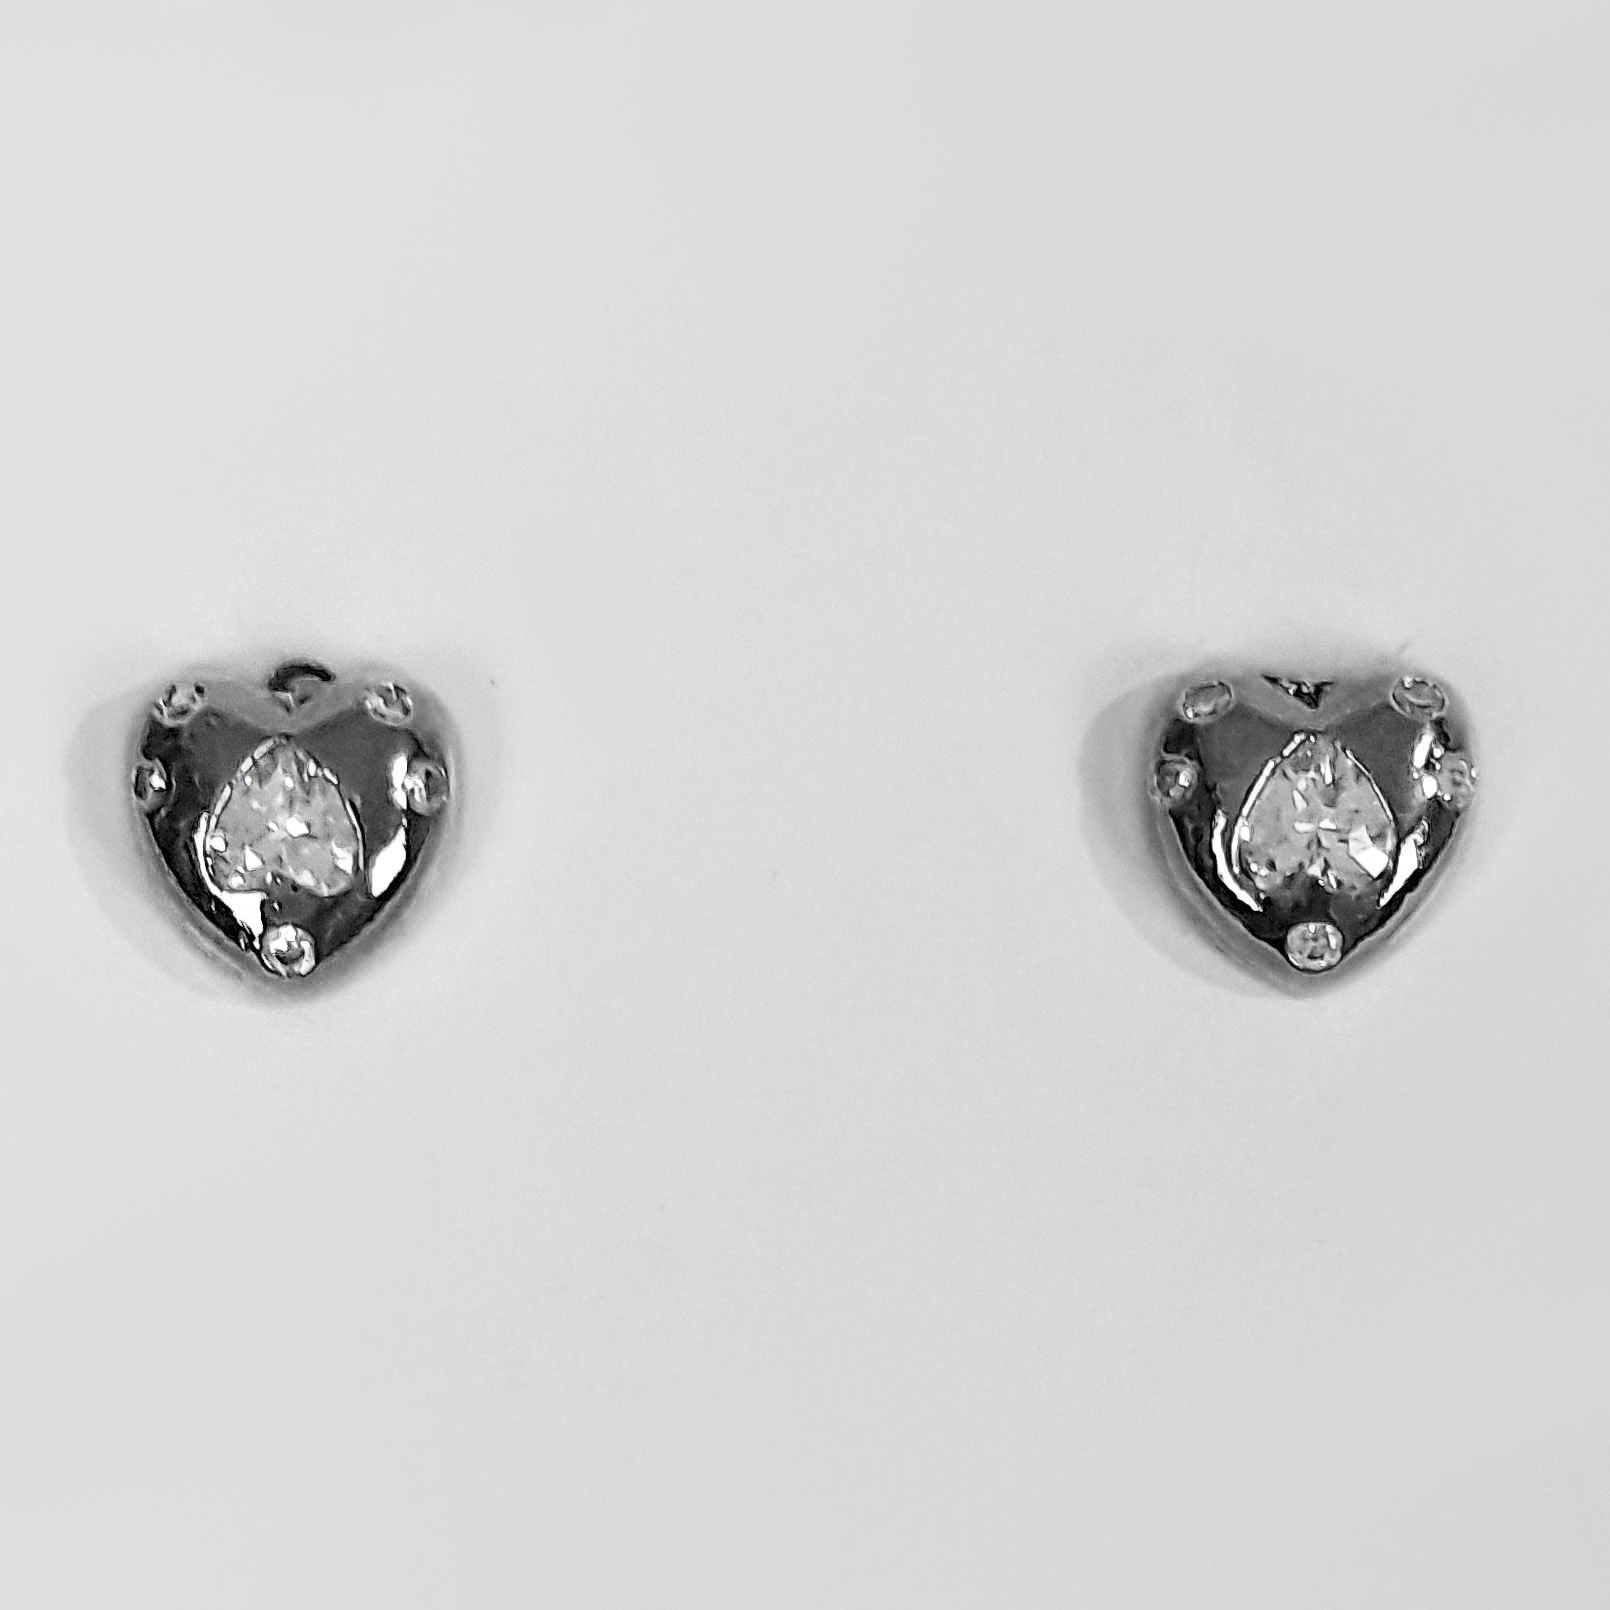 Brinco Pequeno Coração com Zircônias Banho Ródio Negro  - Lunozê Joias